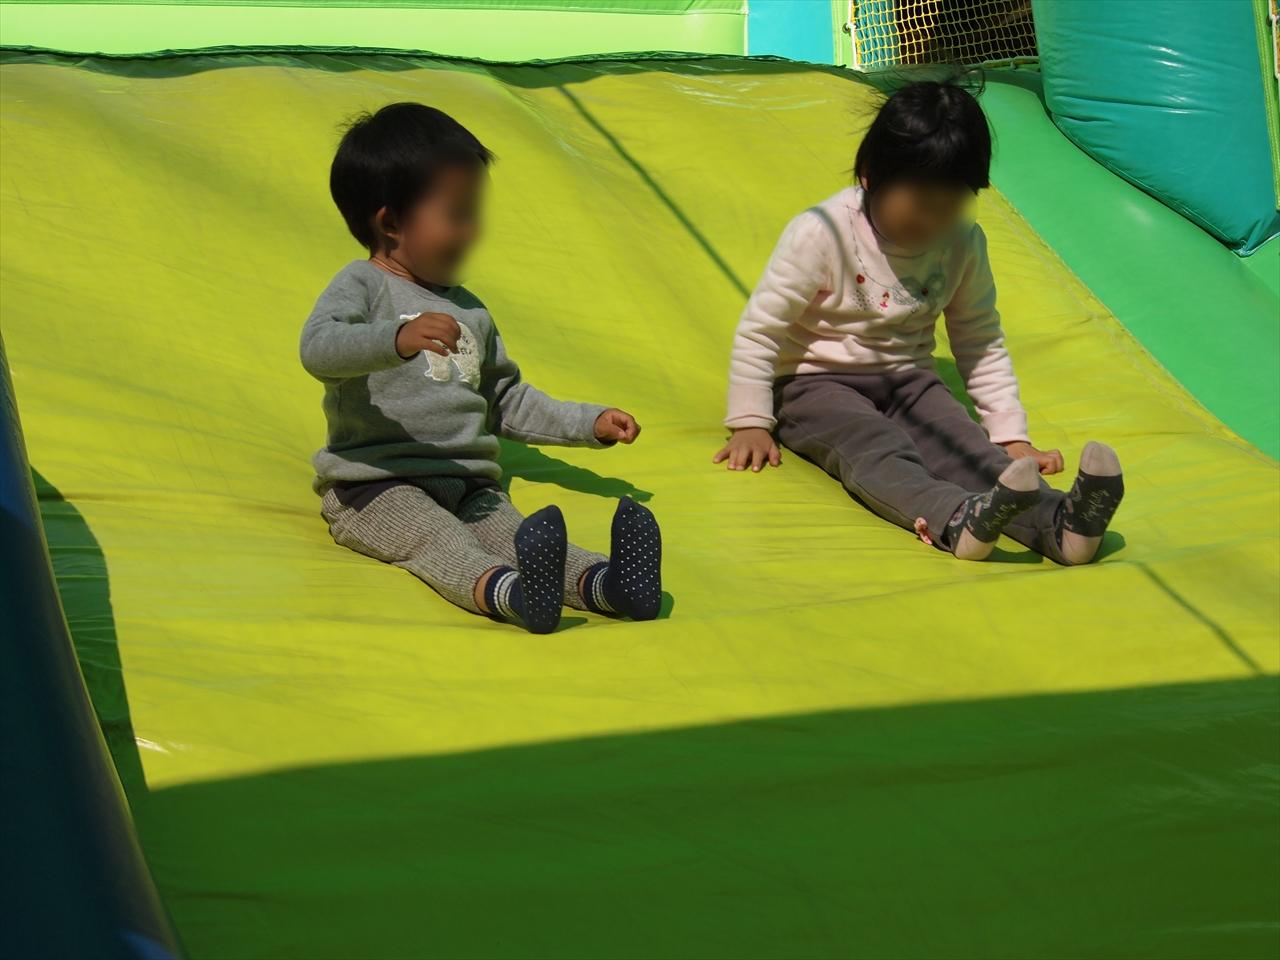 もみじ川温泉 さくら祭り ふわふわ滑り台